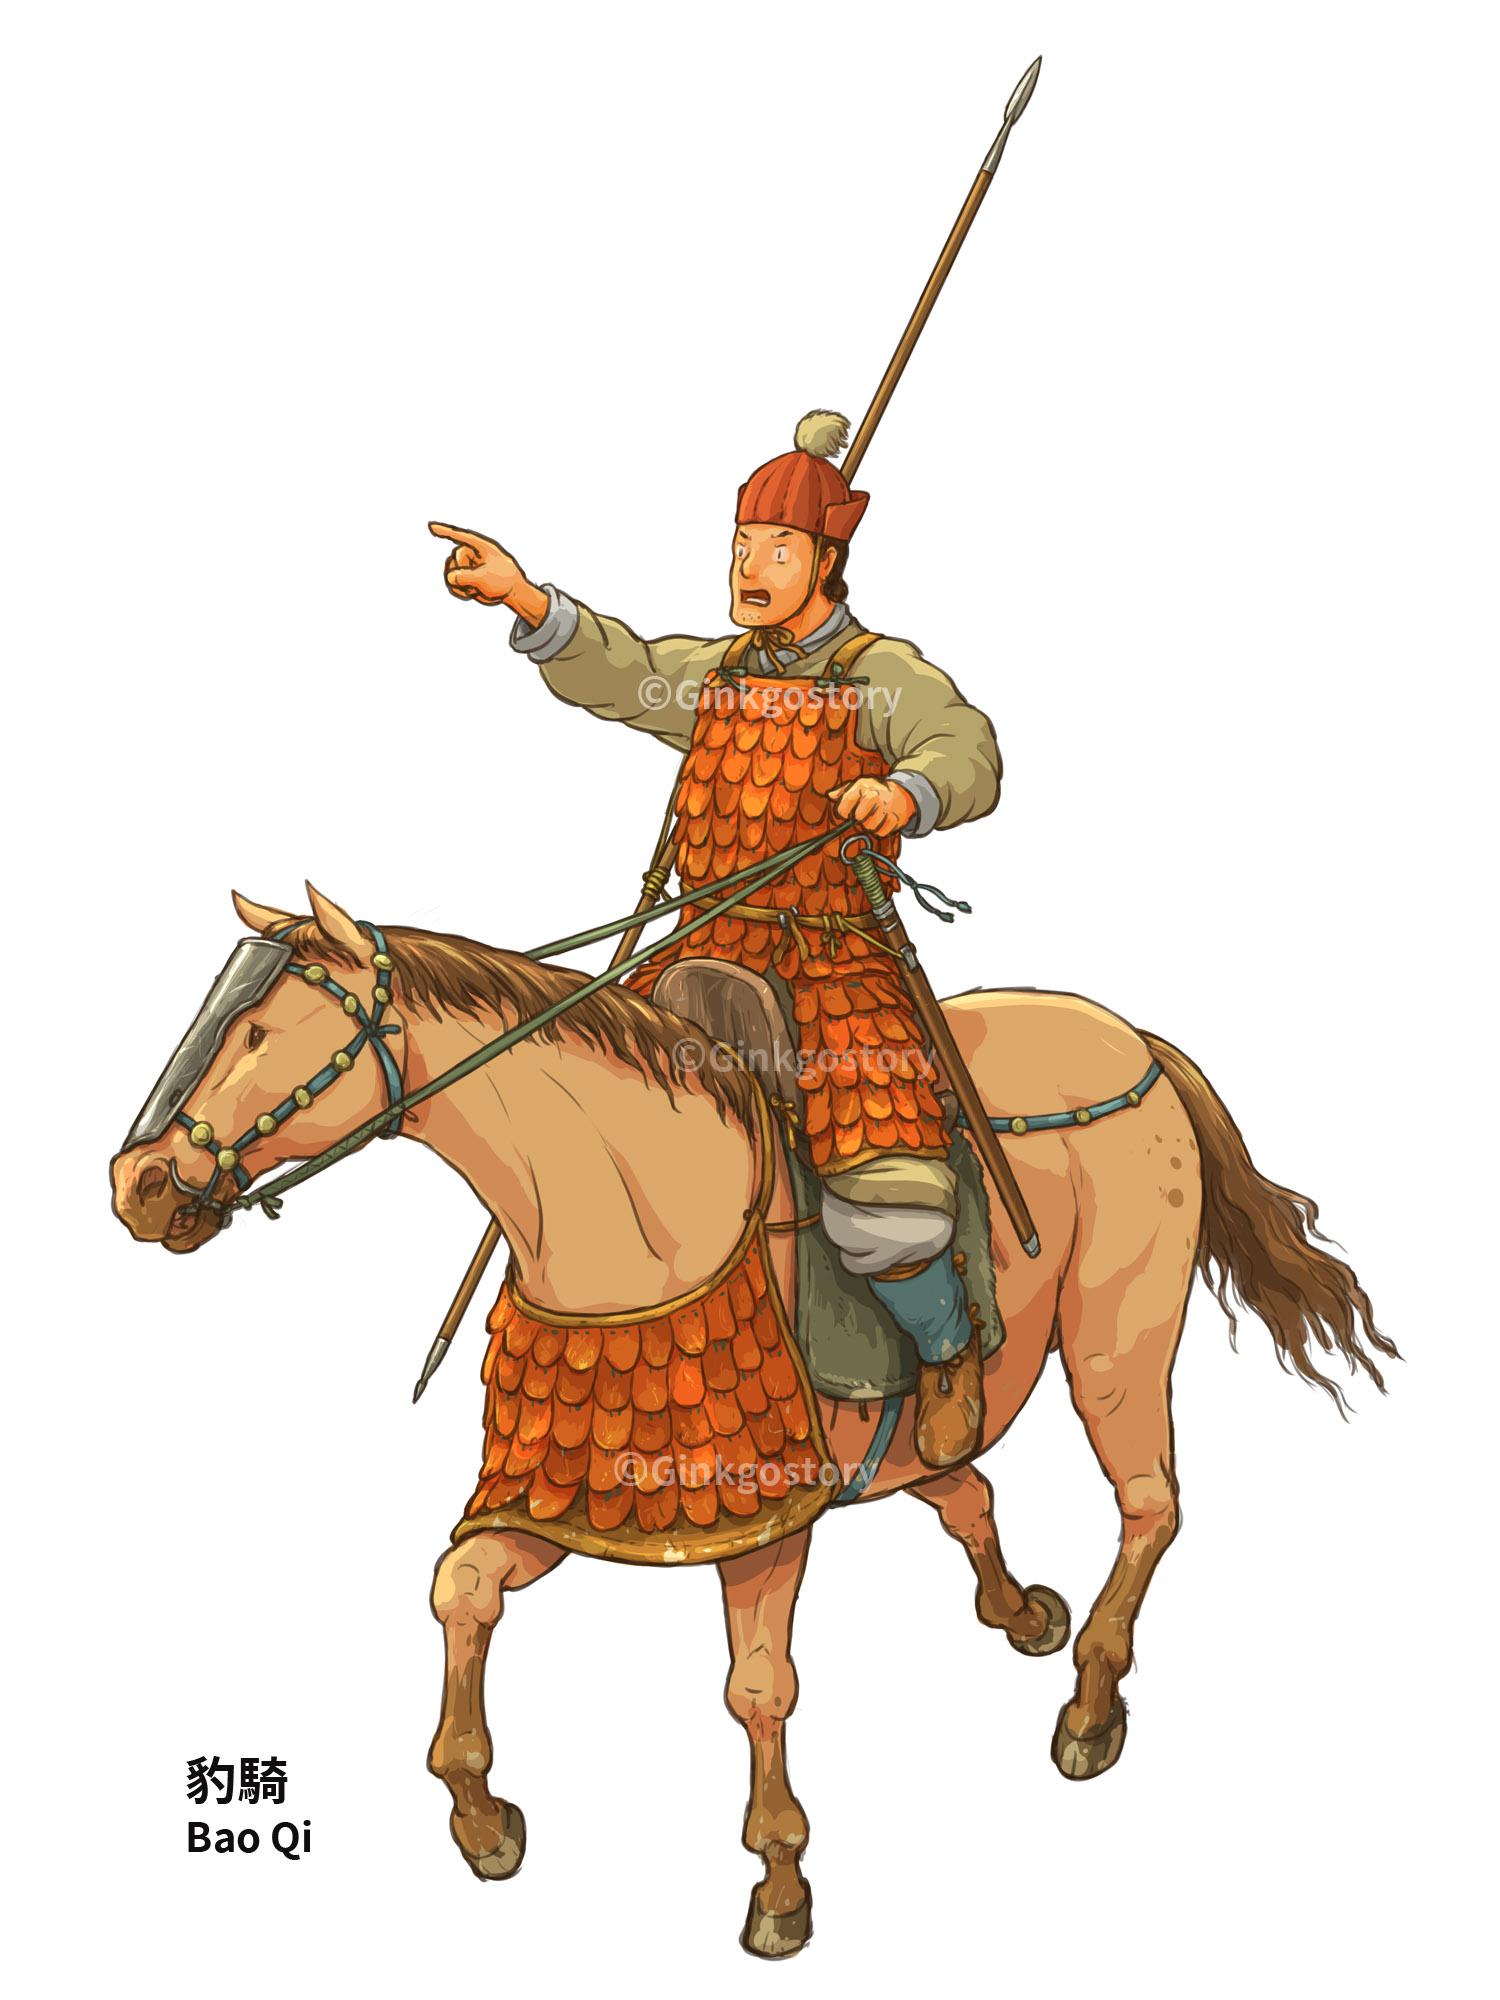 Three Kingdoms: Bao Qi